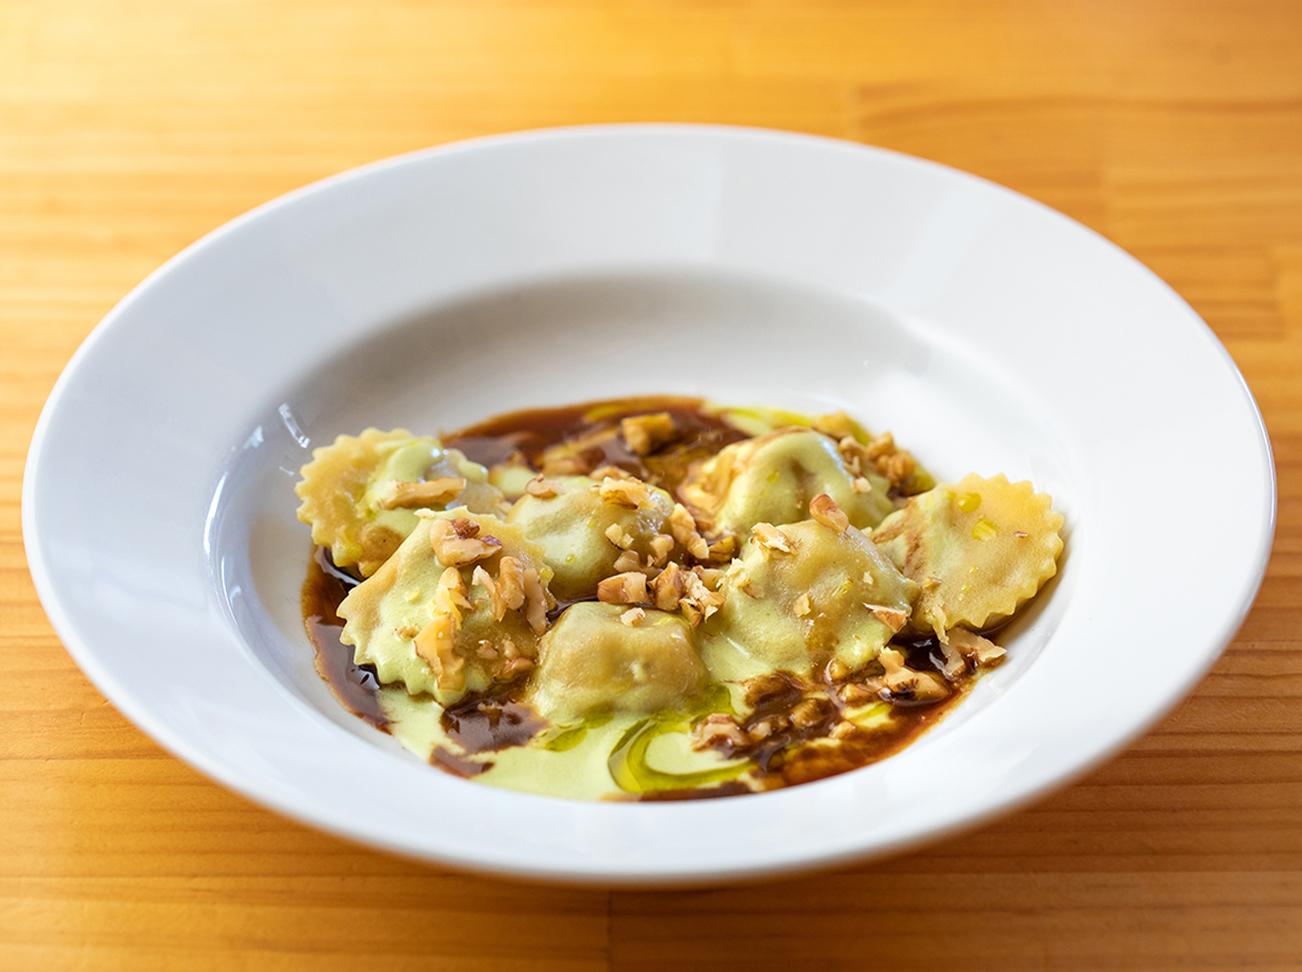 イタリア北部・エミリアロマーニャ州のパスタ料理「アノリーニ」。お肉の詰め物をした小さなパスタに蕪のソースがかけられている